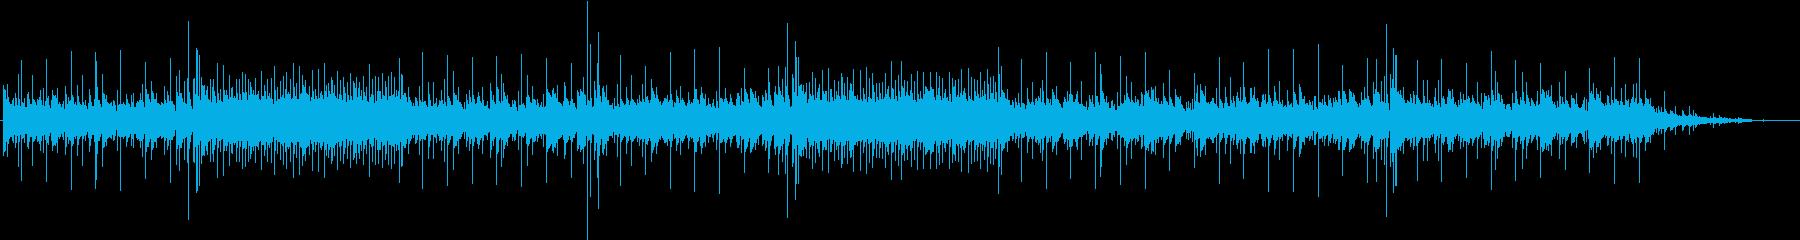 サスペンスドラマ・エンディング風サウンドの再生済みの波形